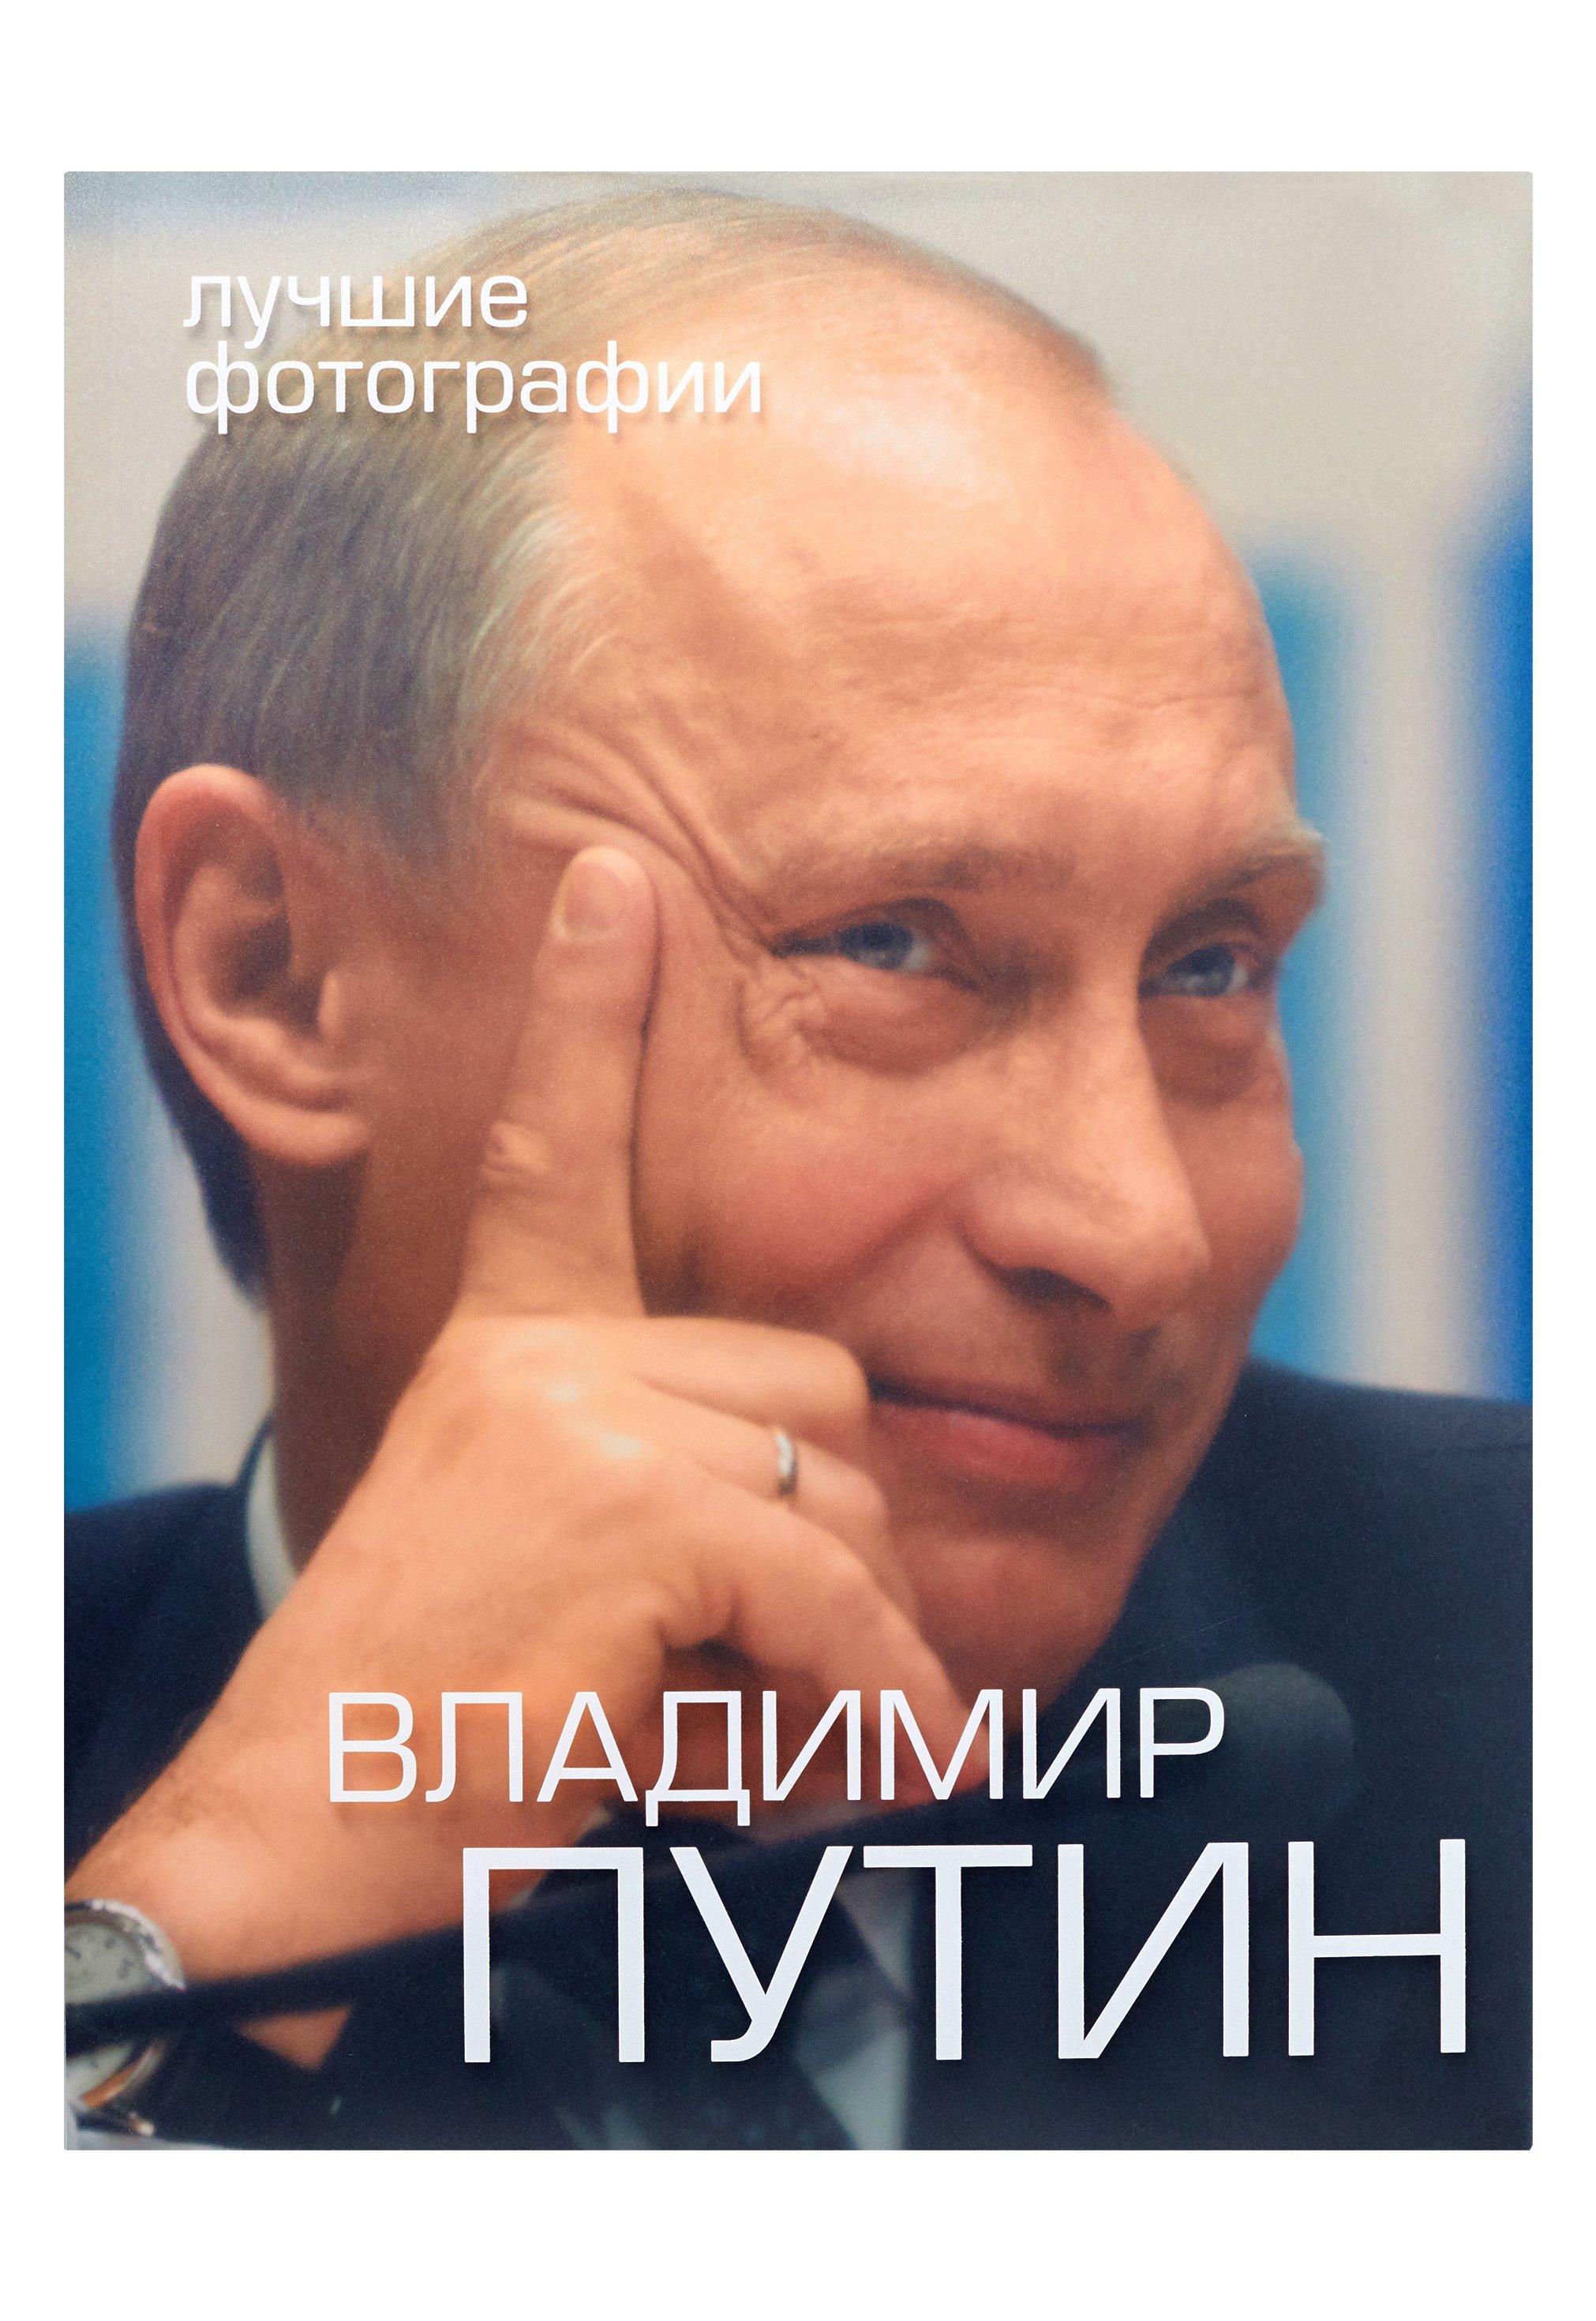 Викторов В. В. Путин В.В. Фотоальбом + 2DVD (Футляр)